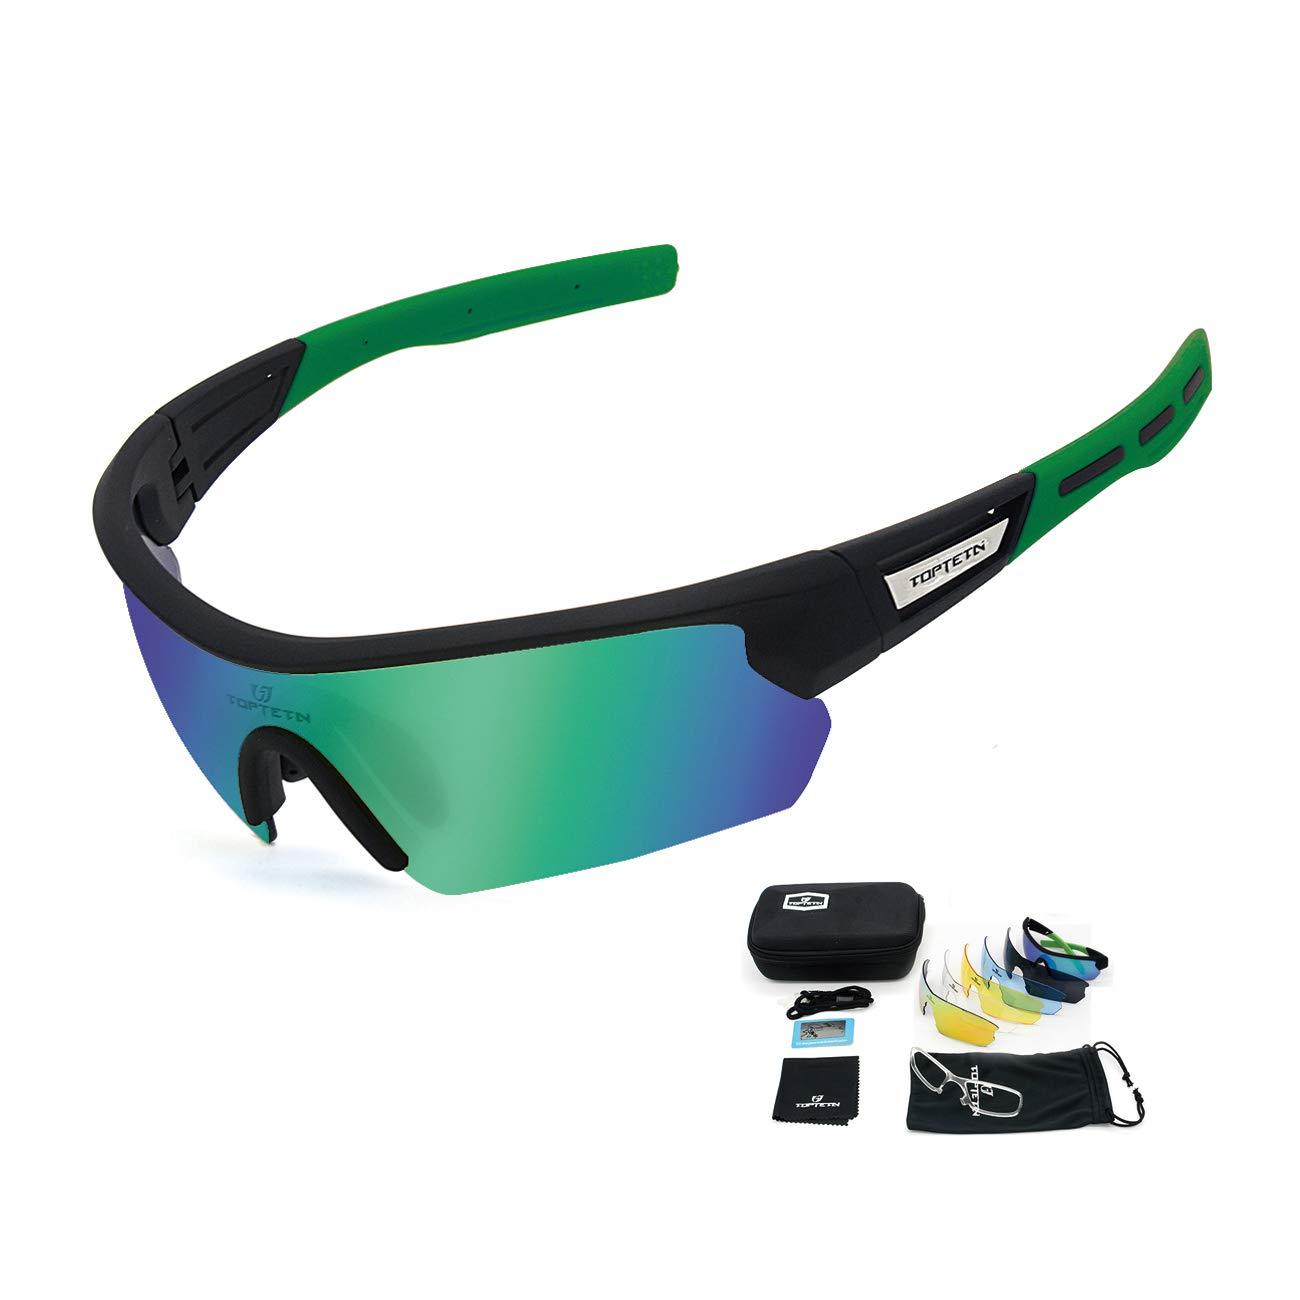 TOPTETN Gafas Ciclismo Polarizadas con 5 Lentes Intercambiables Gafas de Sol Deportivas Antivaho Antireflejo Anti Viento y UV Adaptadas a Deporte ...